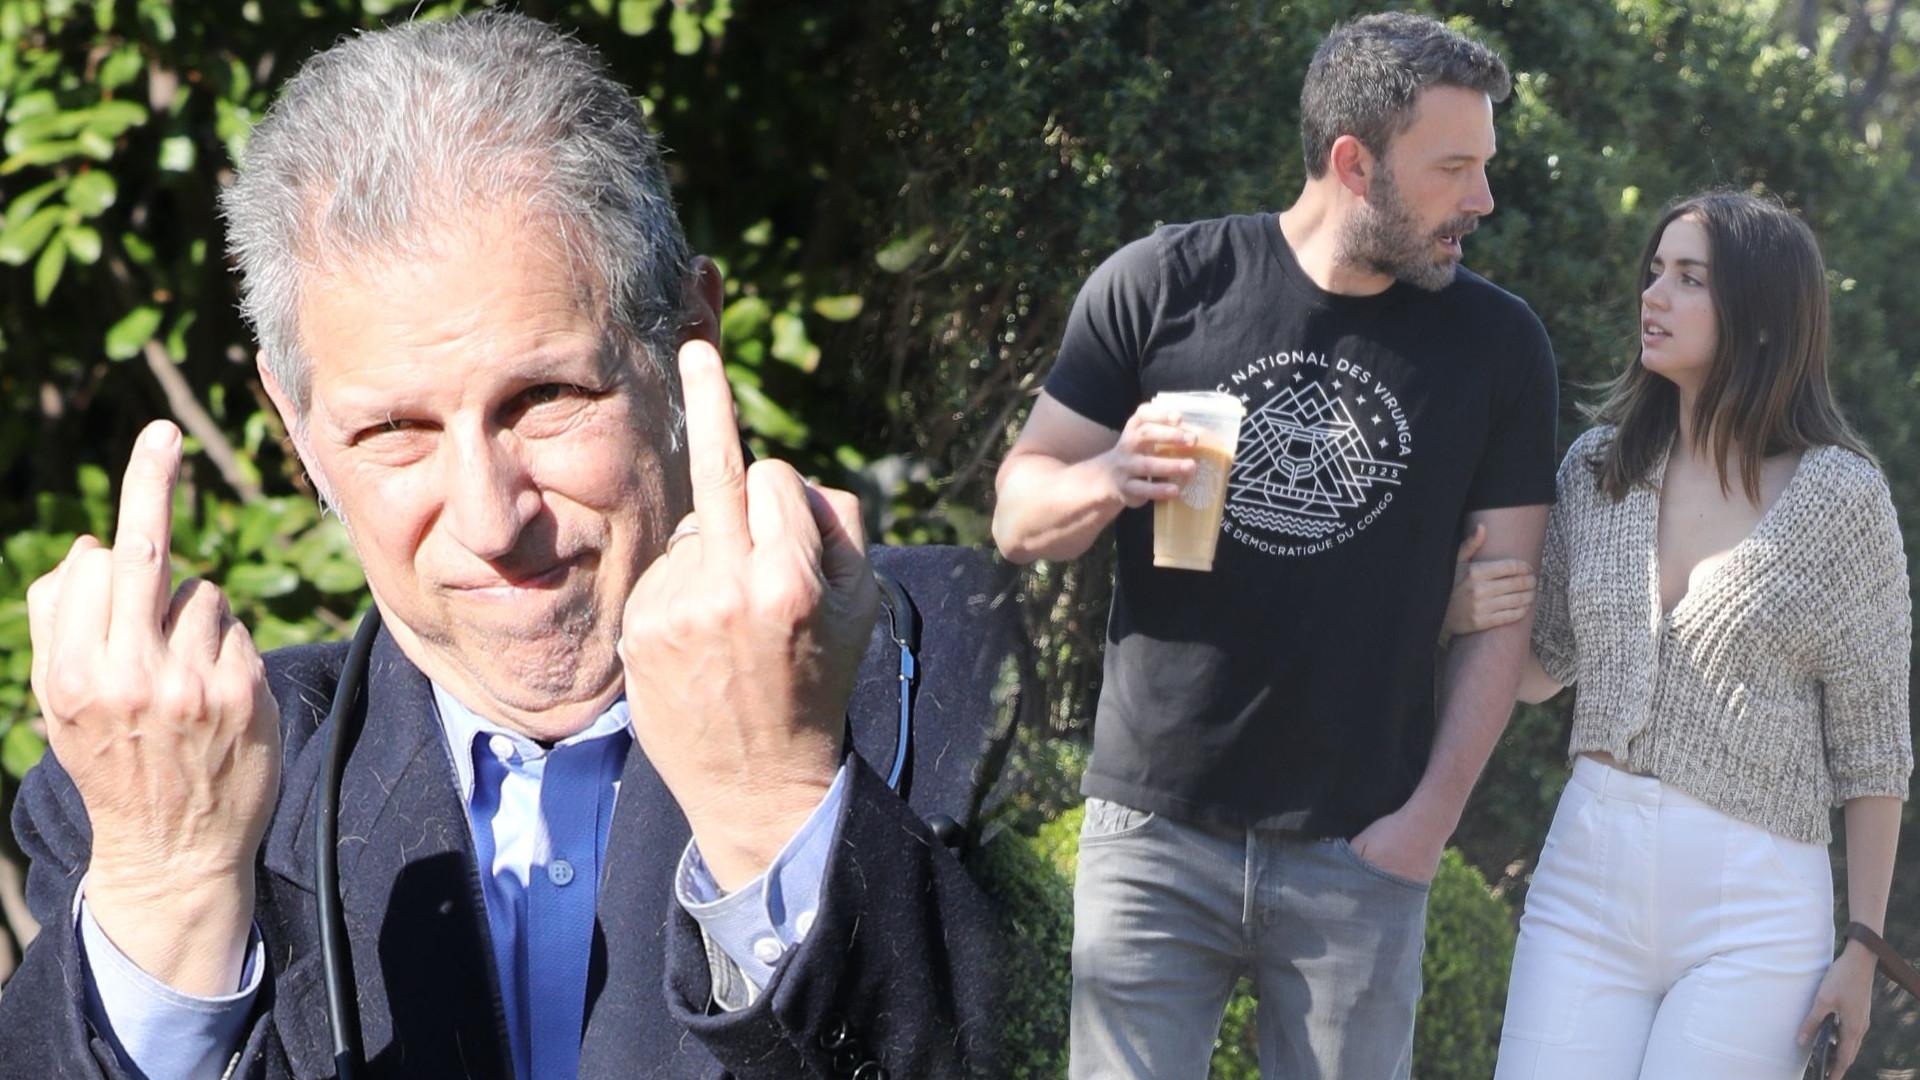 Lekarz wychodzący z domu Bena Afflecka pokazał środkowy palec paparazzi, gdy spytali go o koronawirusa